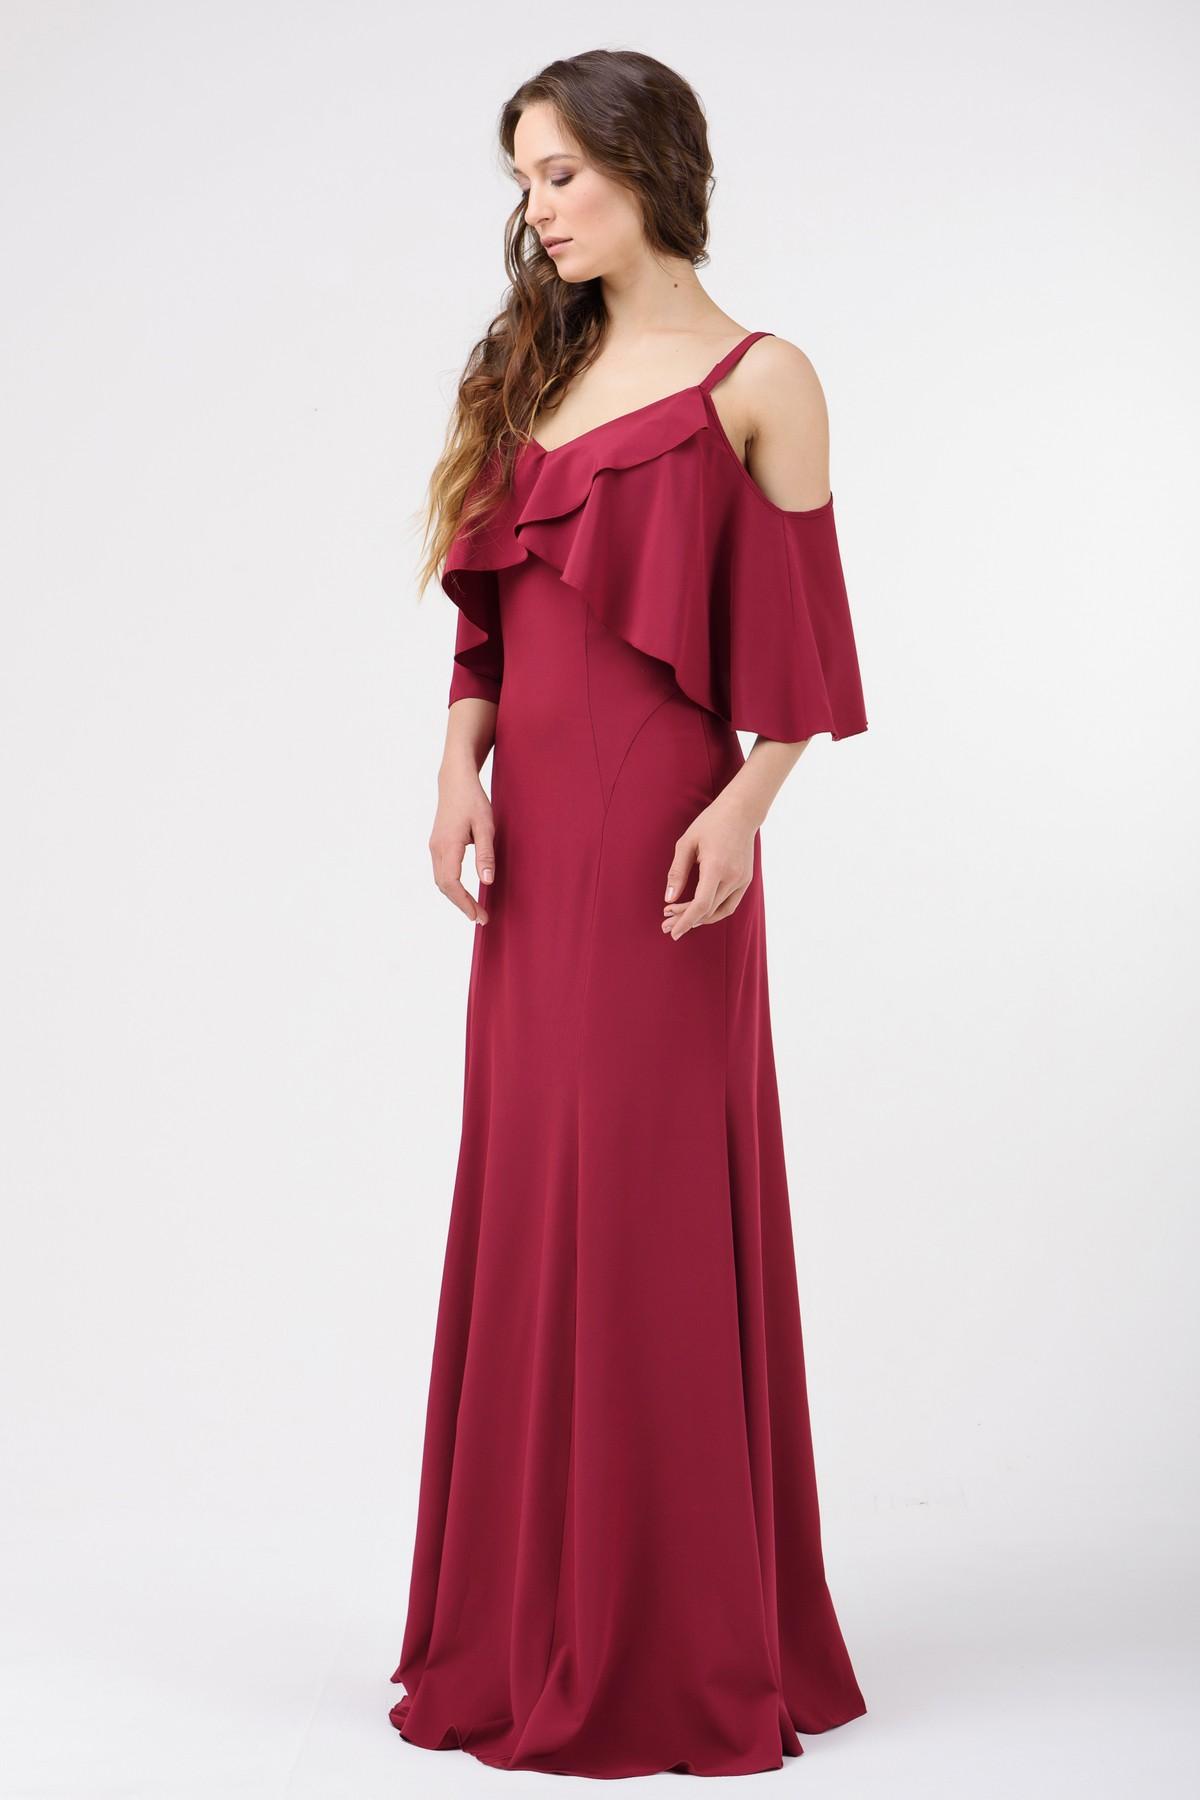 b53d2ff57585 Купить Вечернее платье с воланами в интернет-магазине RicaMare по ...